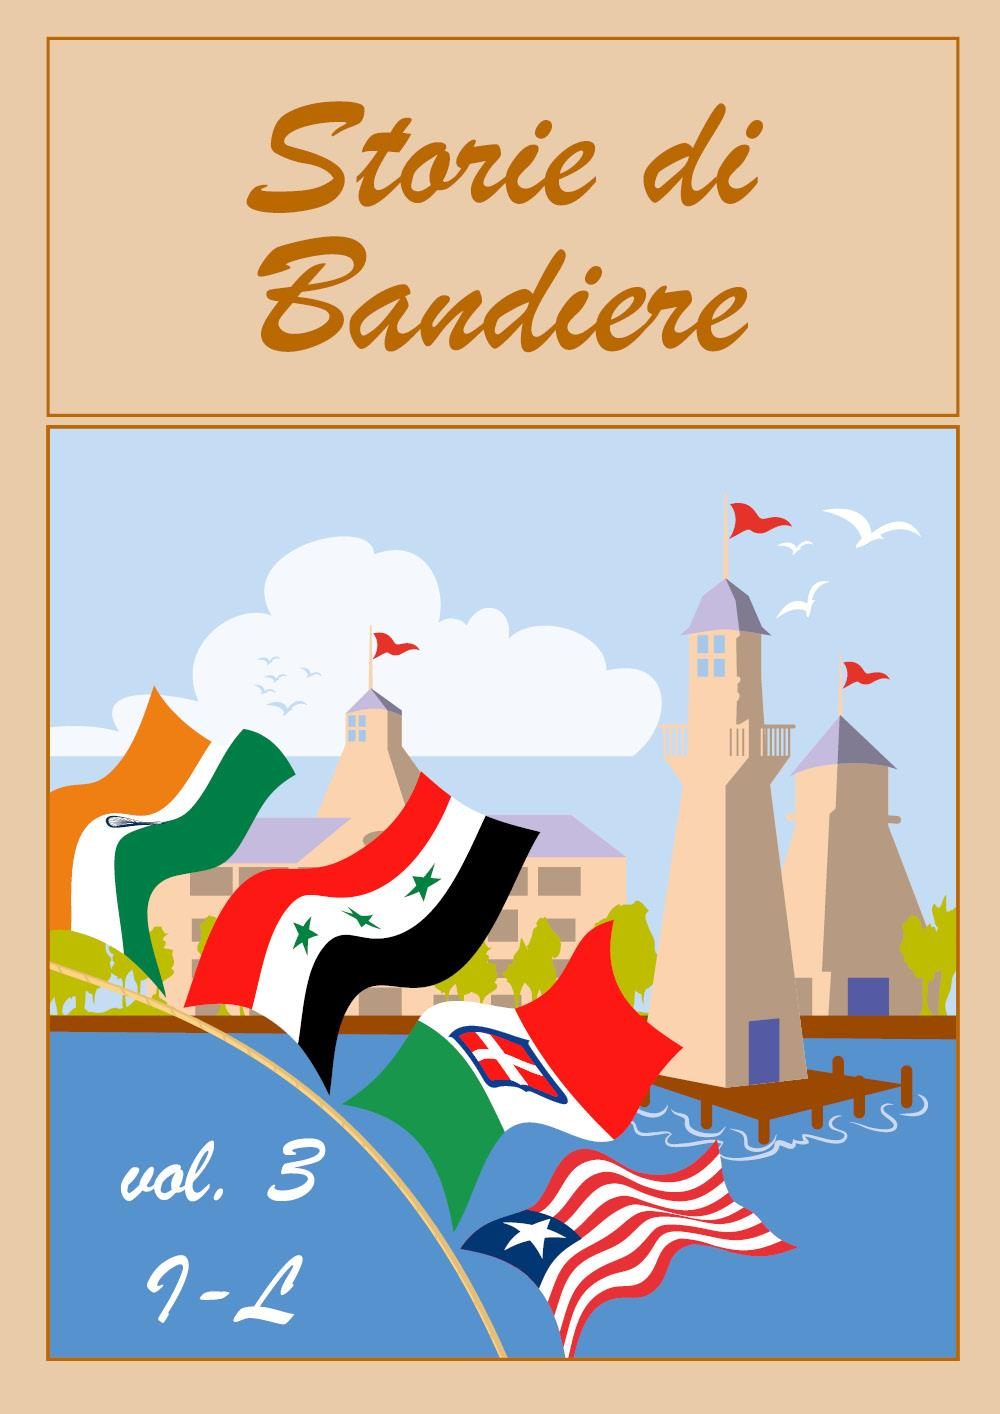 Storie di Bandiere vol. 3 I-L